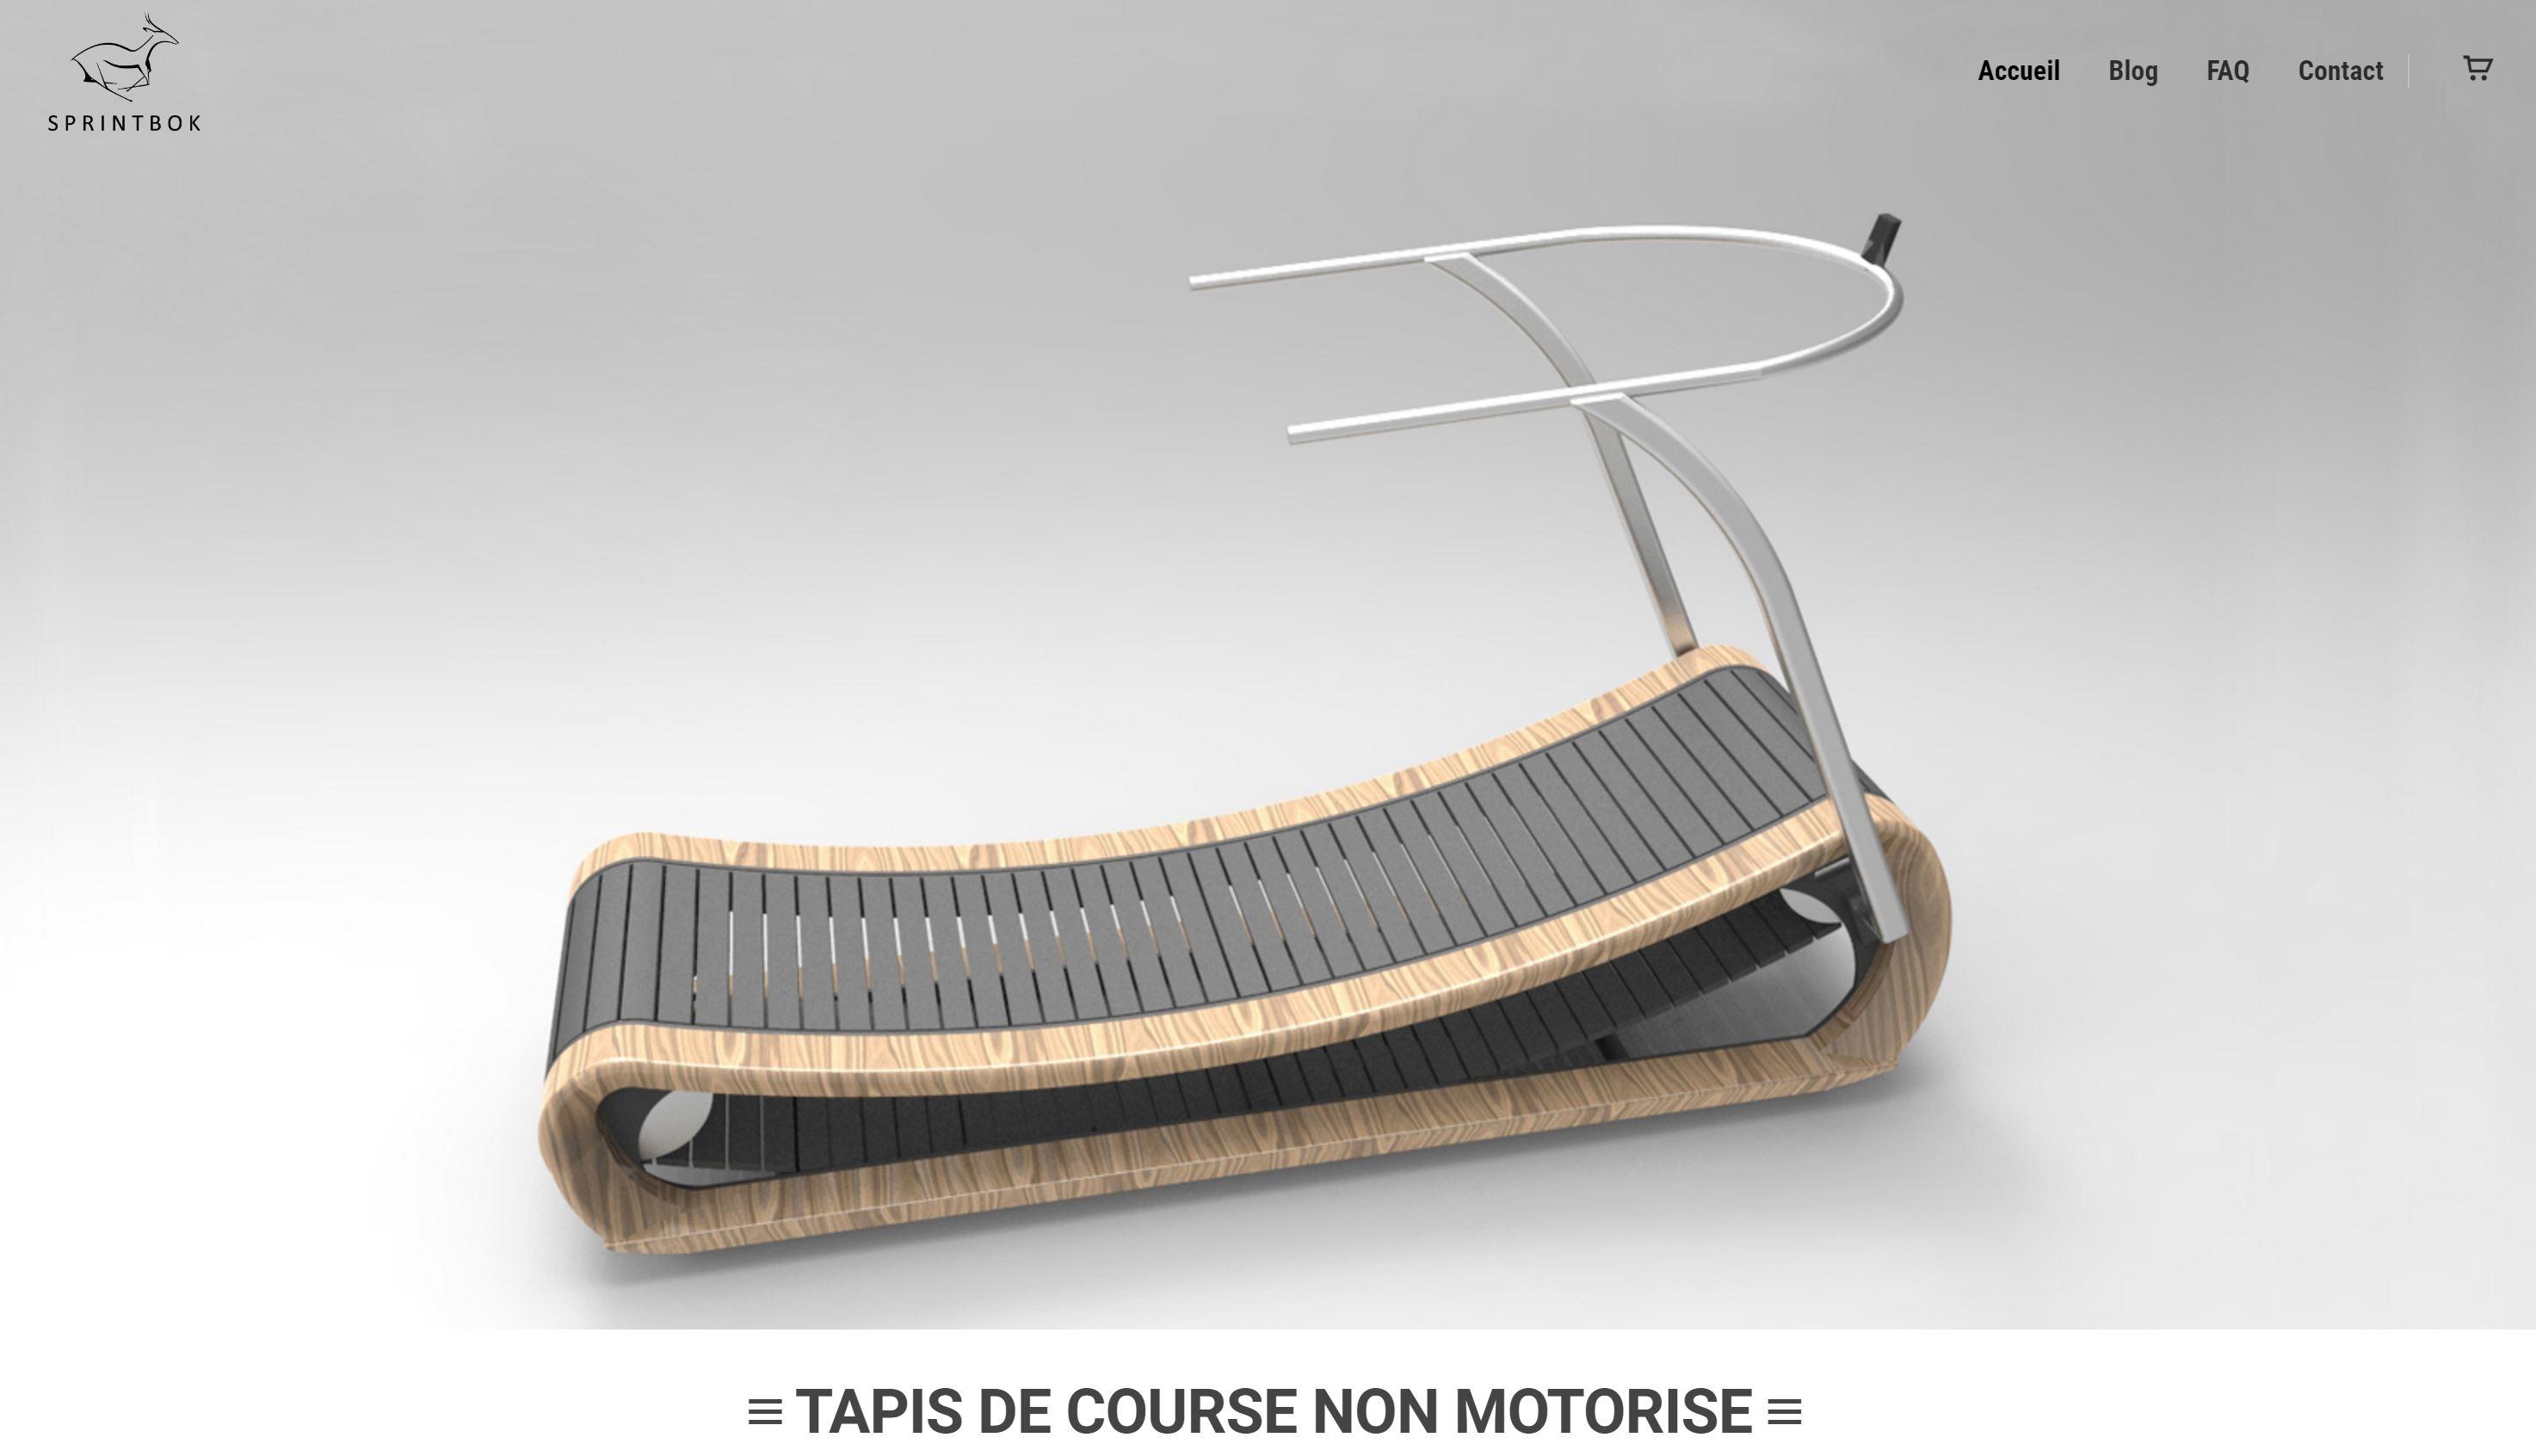 Tapis De Course Incurvé Idée Dimage De Meubles - Faience cuisine et tapis de course non motorisé